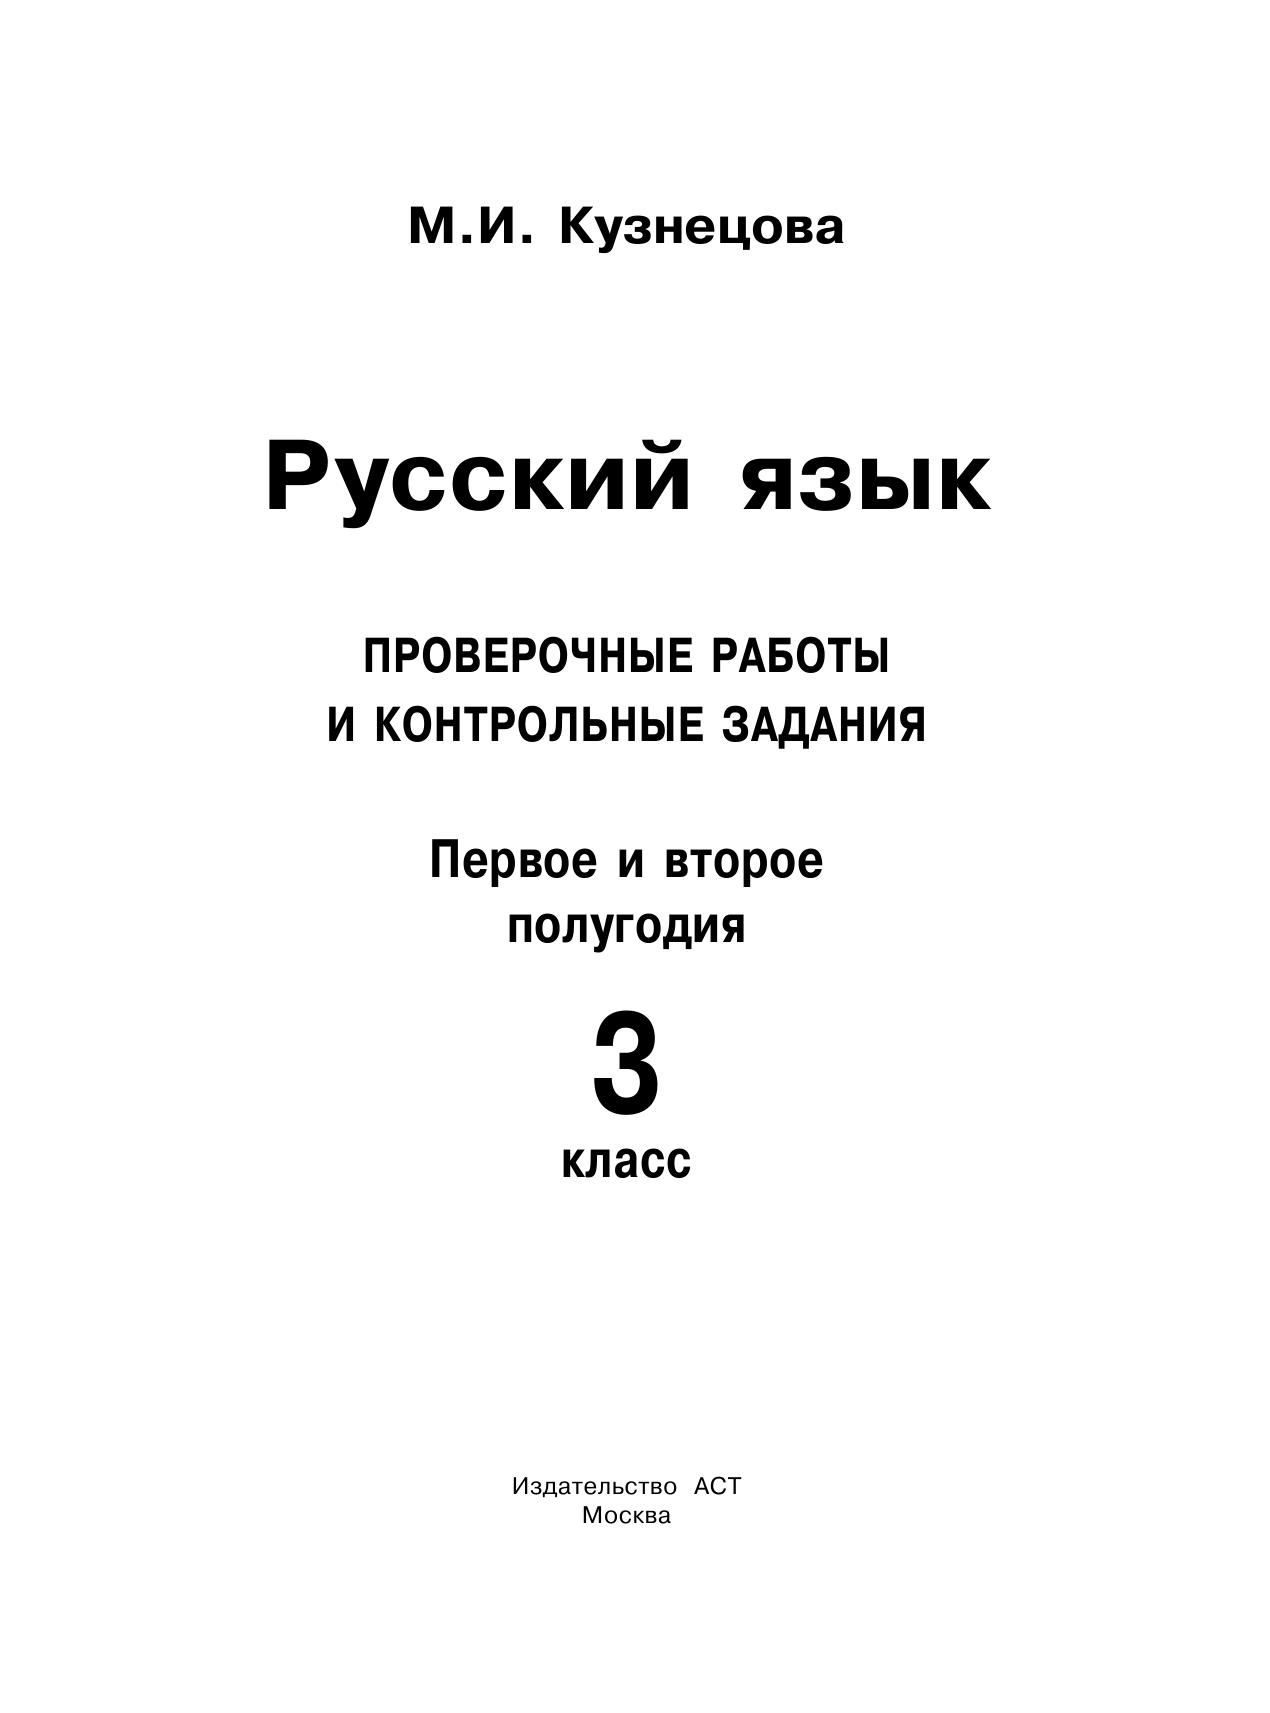 Учебно методический материал по русскому языку класс на тему  2кл русский язык контрольная работа за 3 четверть